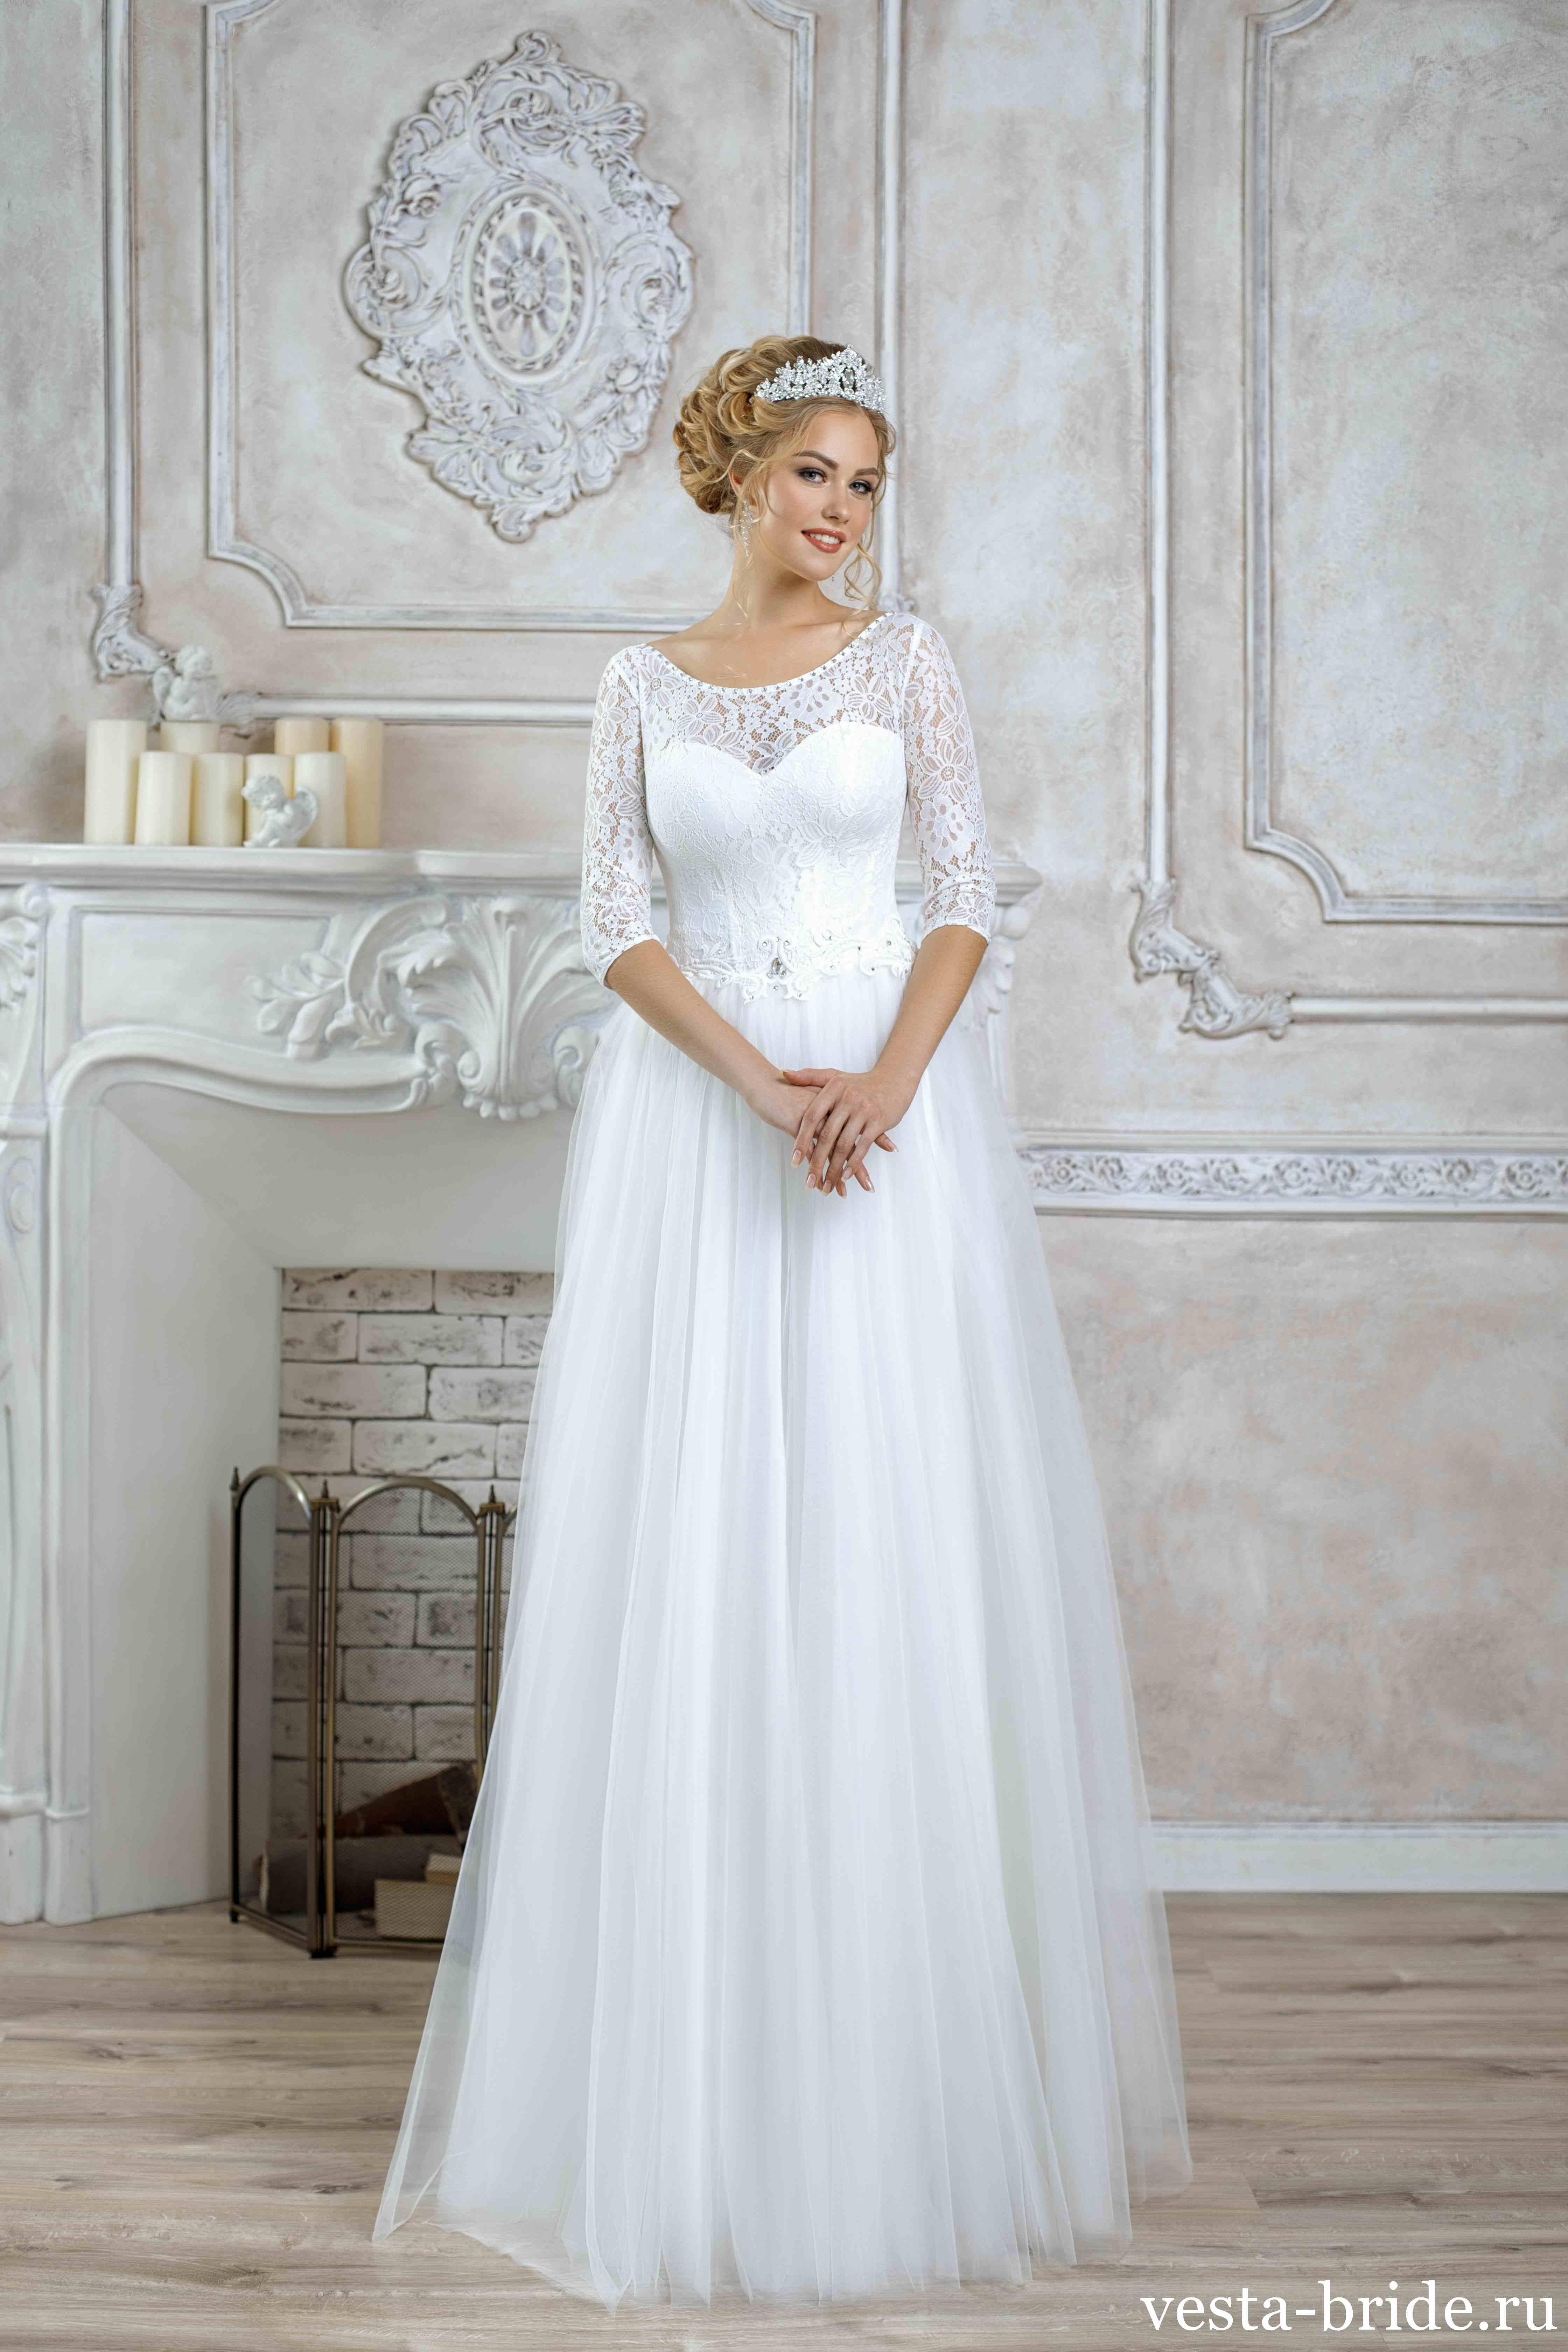 c5741dcce6f6daa Закрытое свадебное платье А-силуэта Alice: качественные и ...